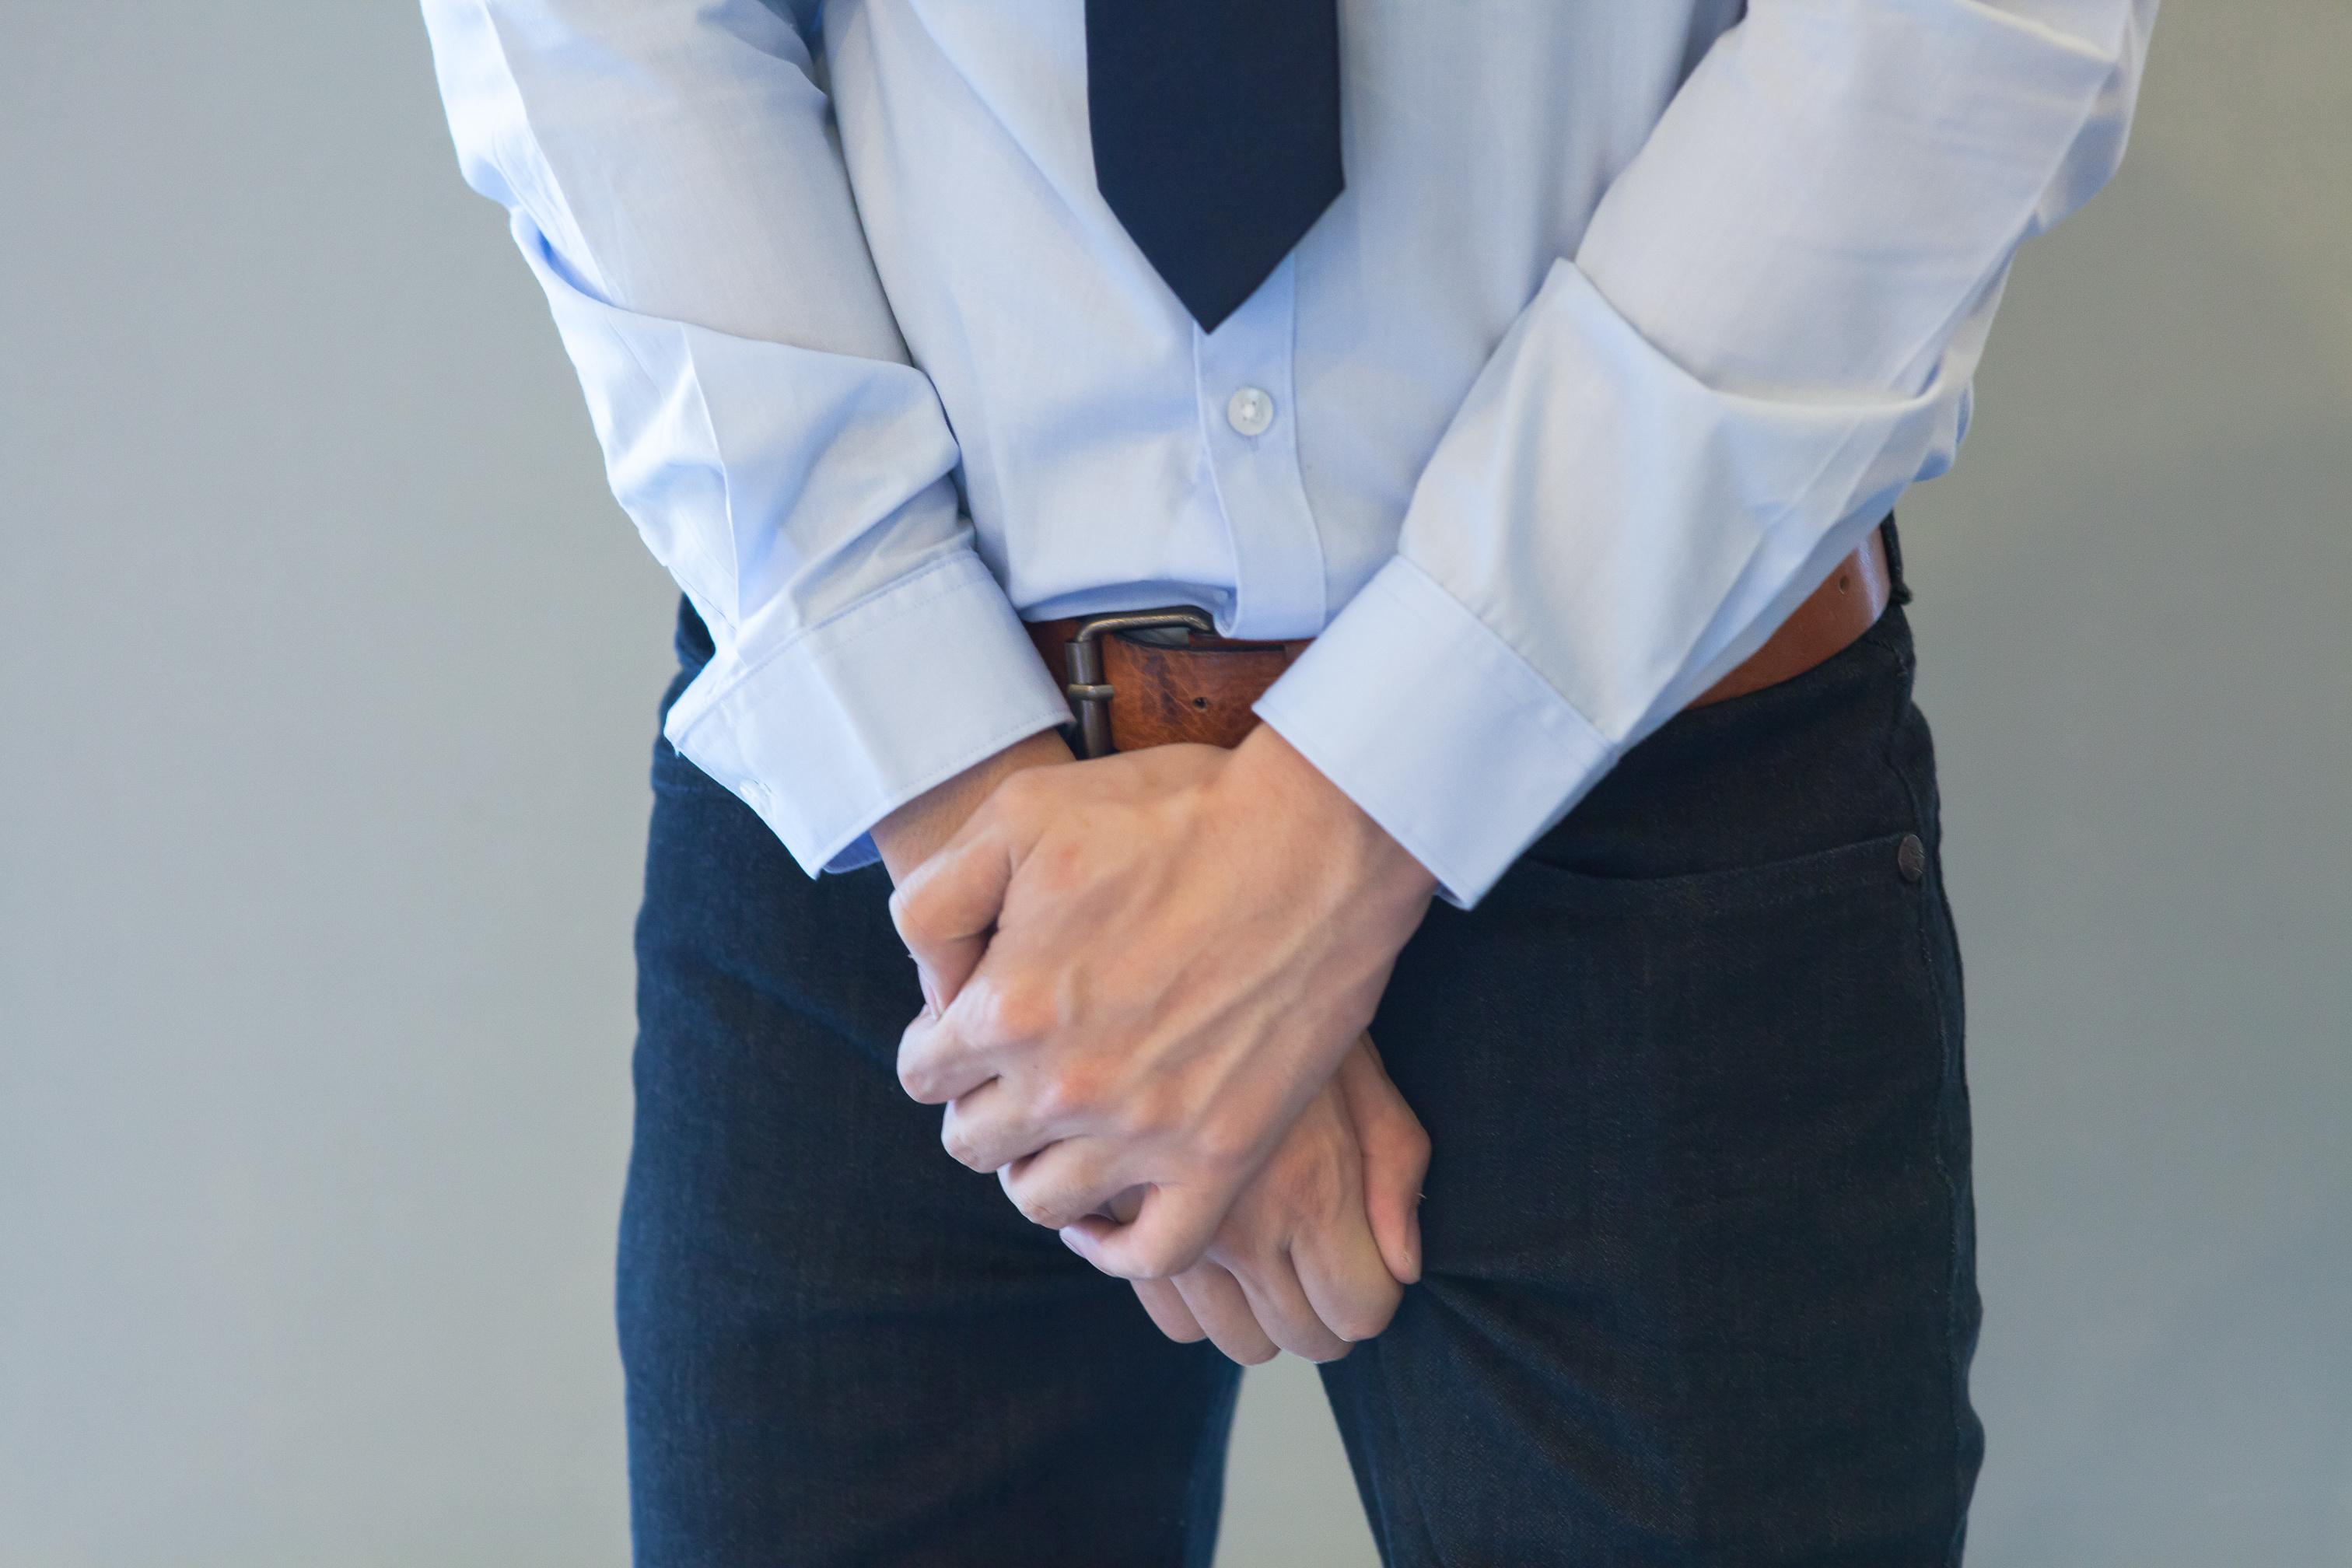 Mężczyzna trzymający złożone dłonie na wysokości krocza /Ilustracja do tekstu: Rak gruczołu krokowego atakuje coraz więcej mężczyzn. Jest skuteczne leczenie, ale nie dla wszystkich